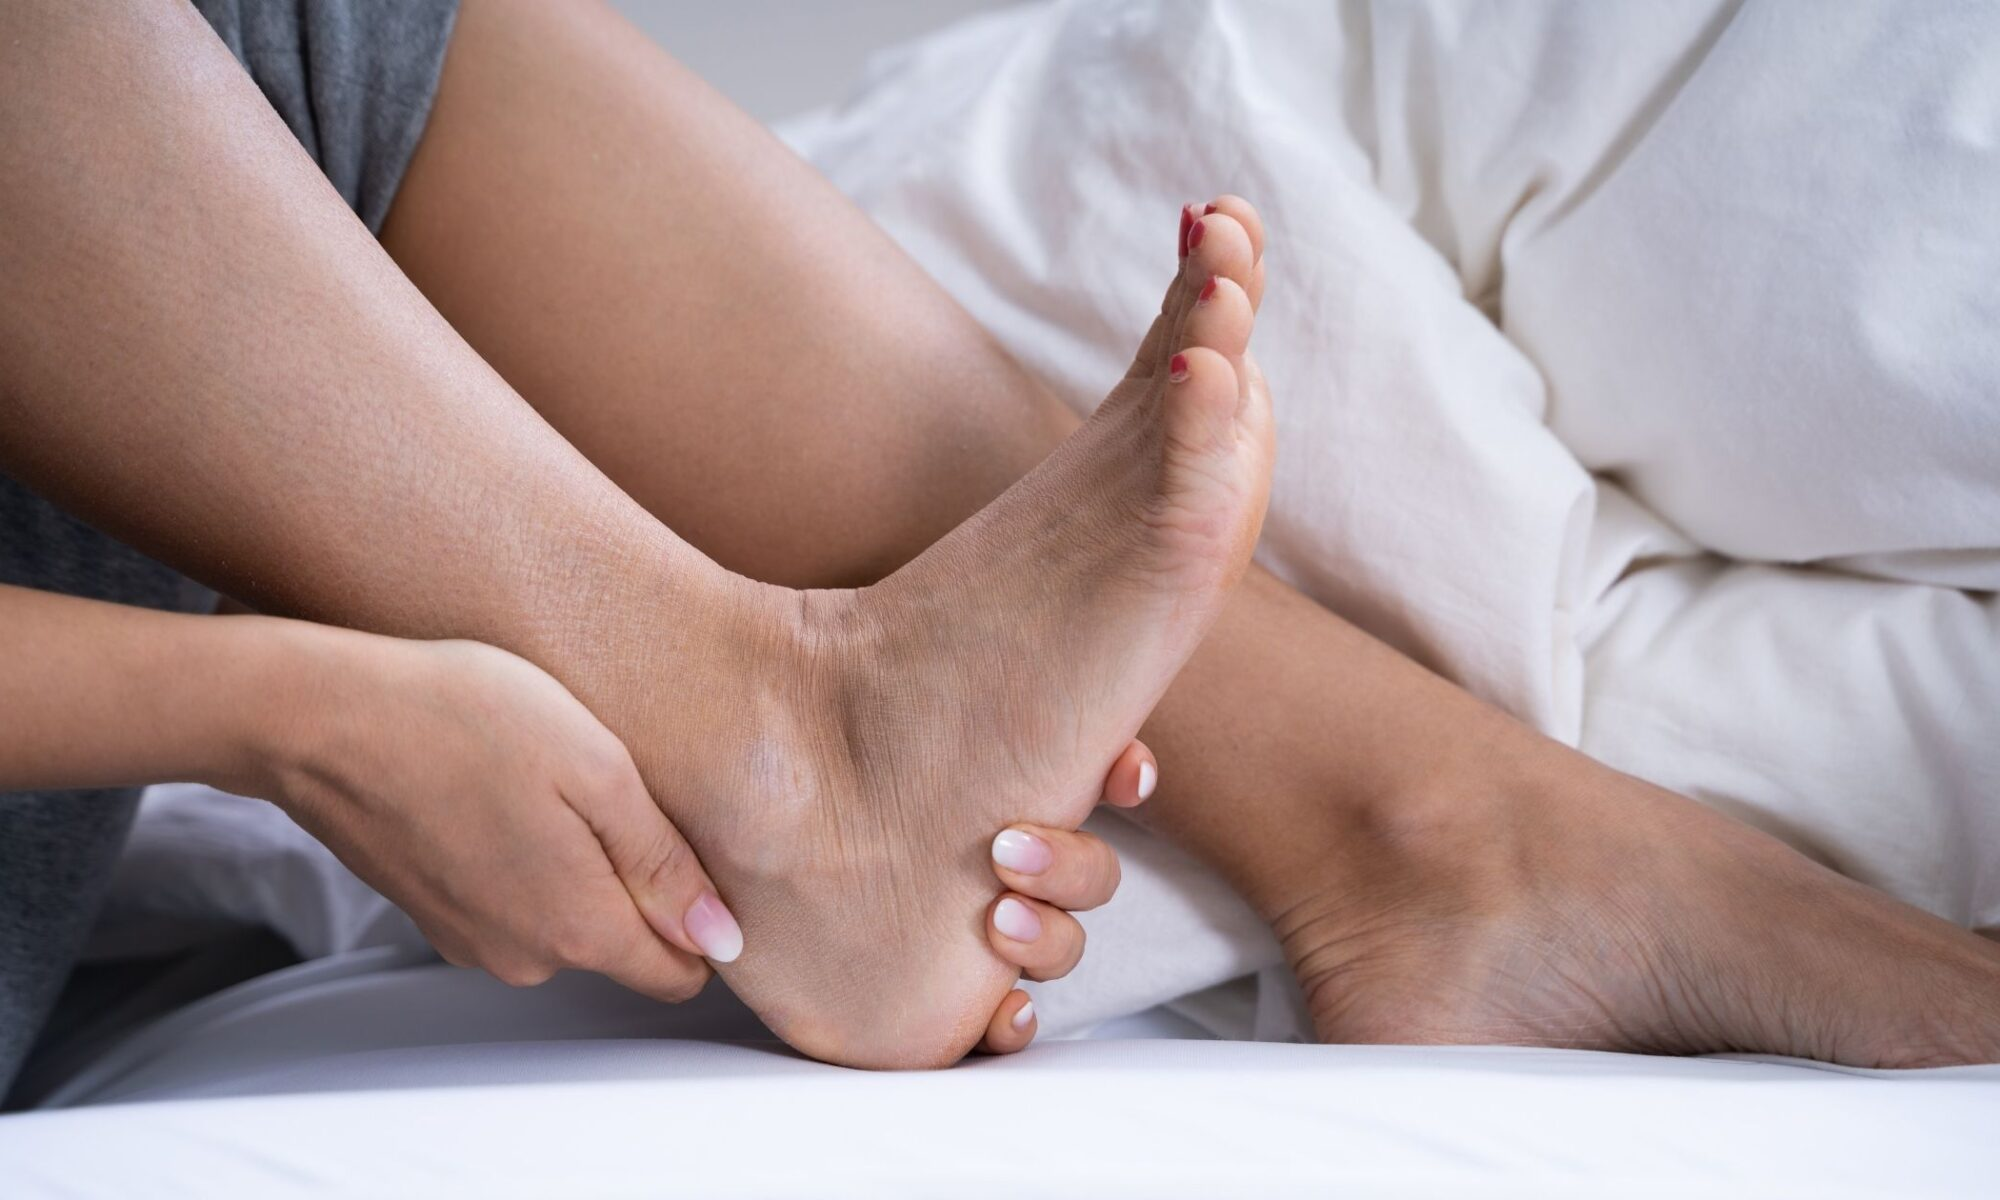 Mujer siente dolor en el talón de Aquiles